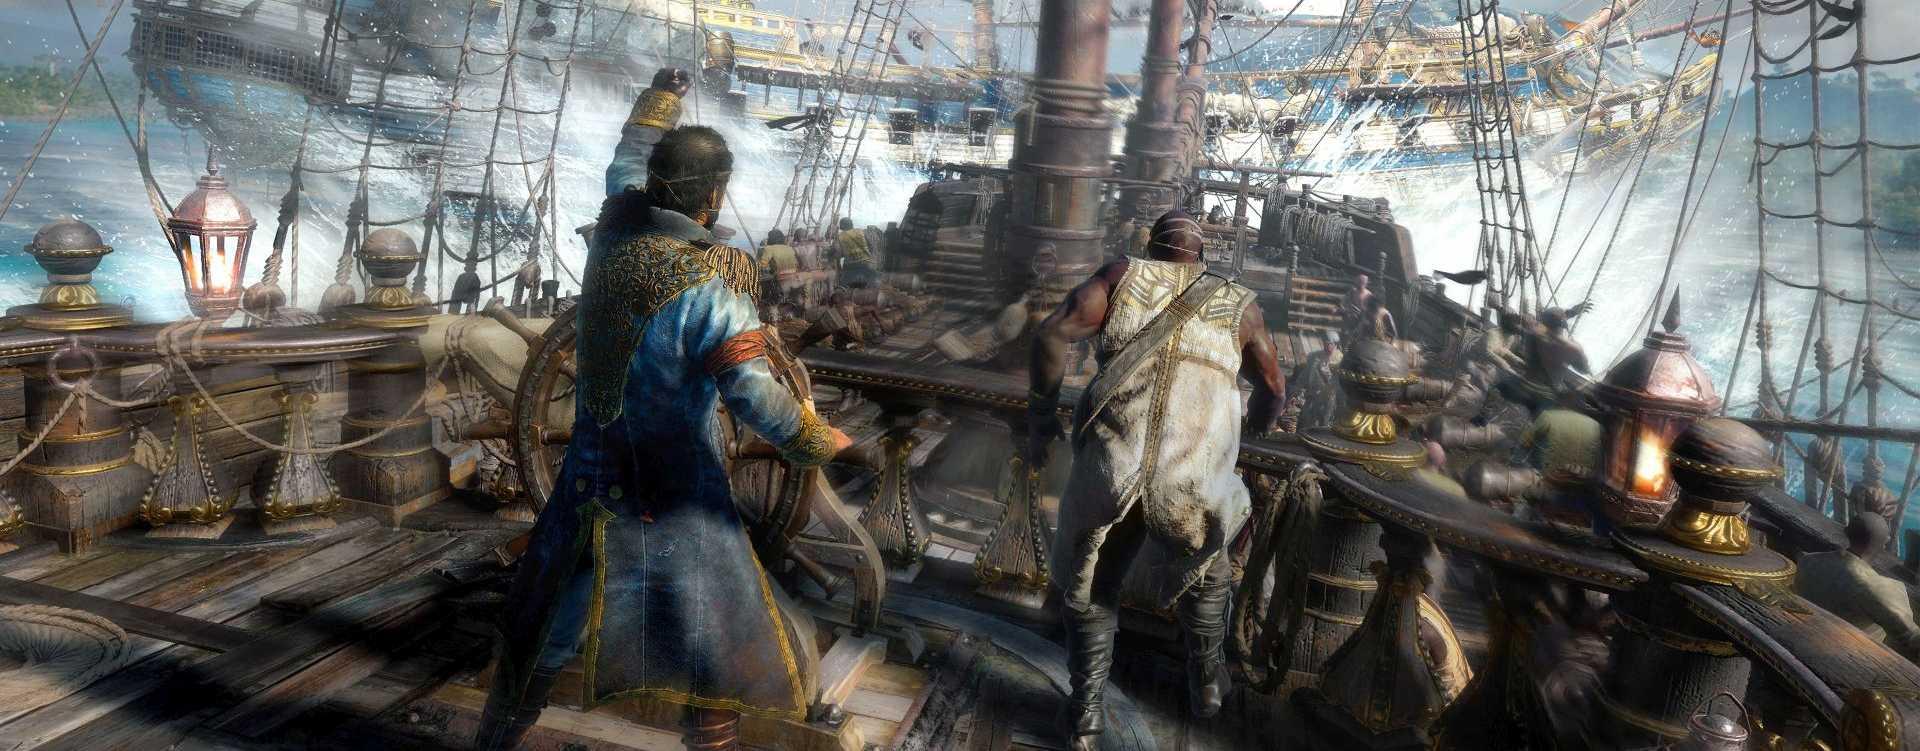 Ubisoft verschiebt Piraten-MMO Skull & Bones schon wieder – Kein Release 2019